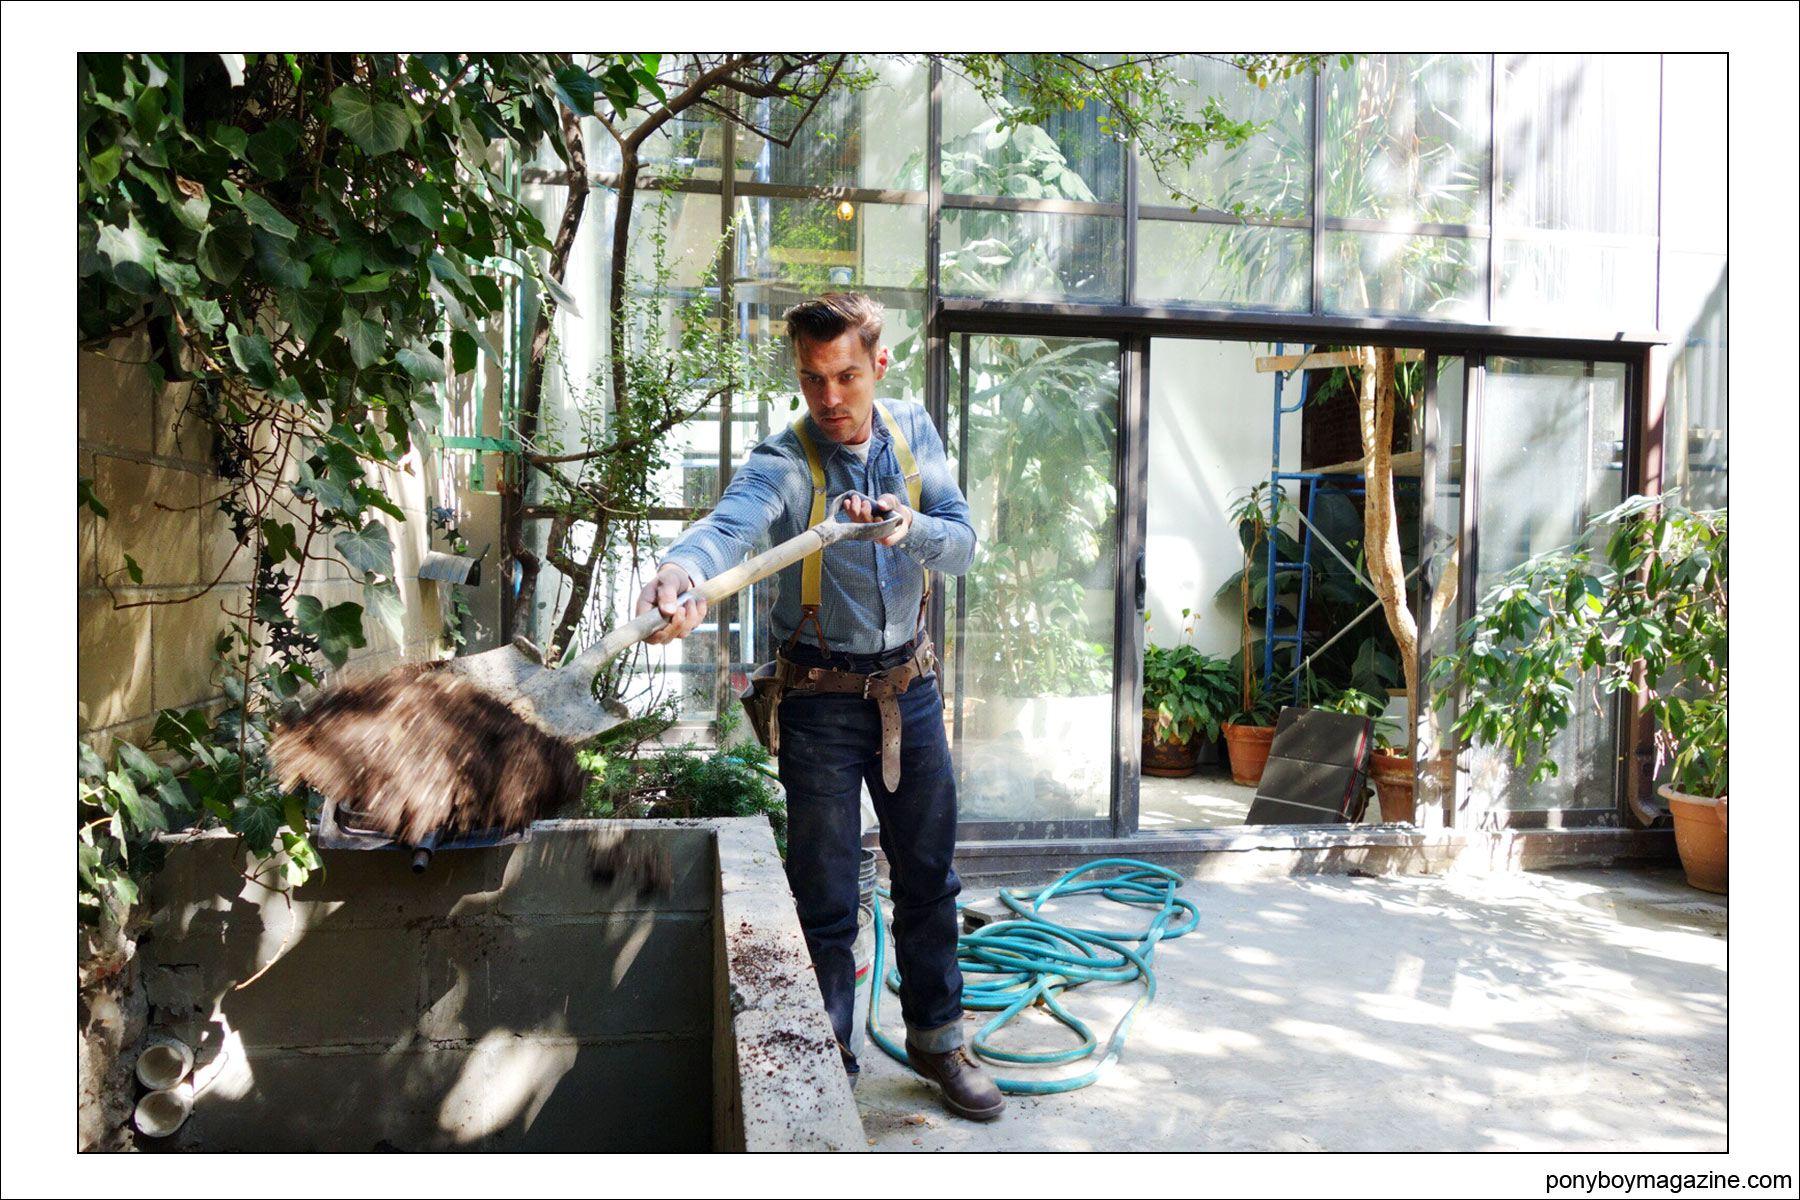 Jim Landwehr, hard at work, for Ponyboy Magazine.